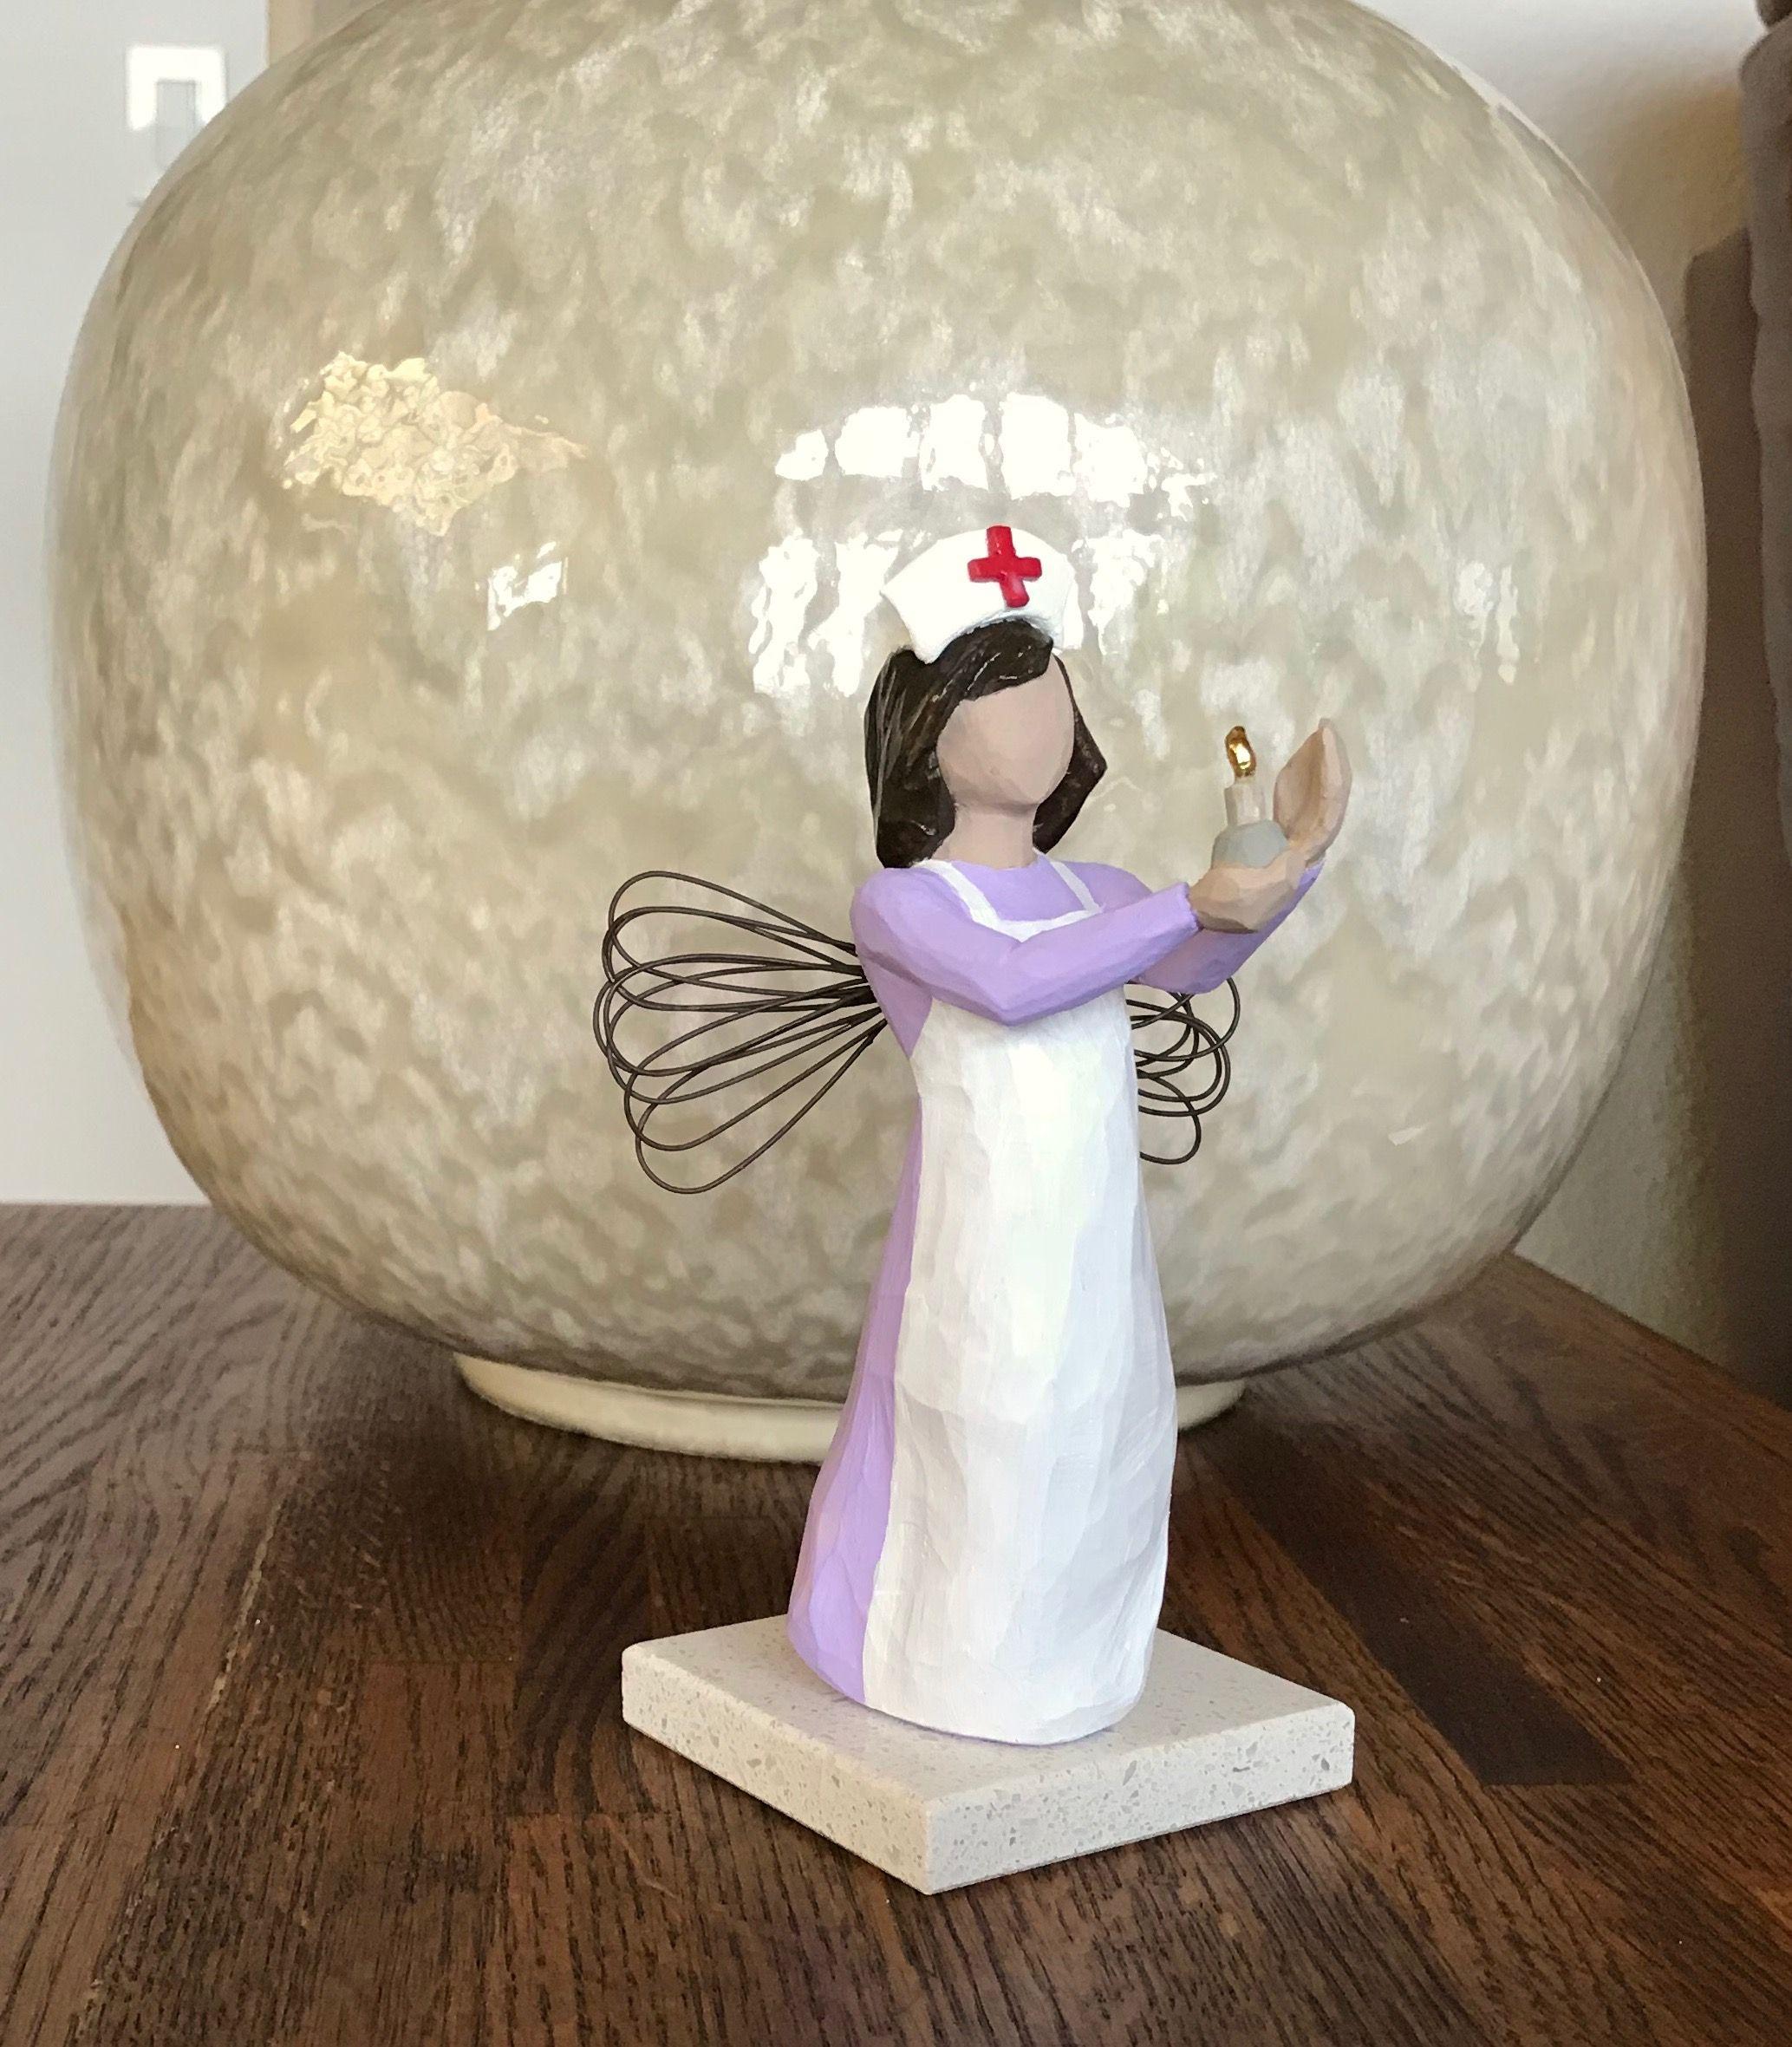 Nurse gift florence nightingale figurine